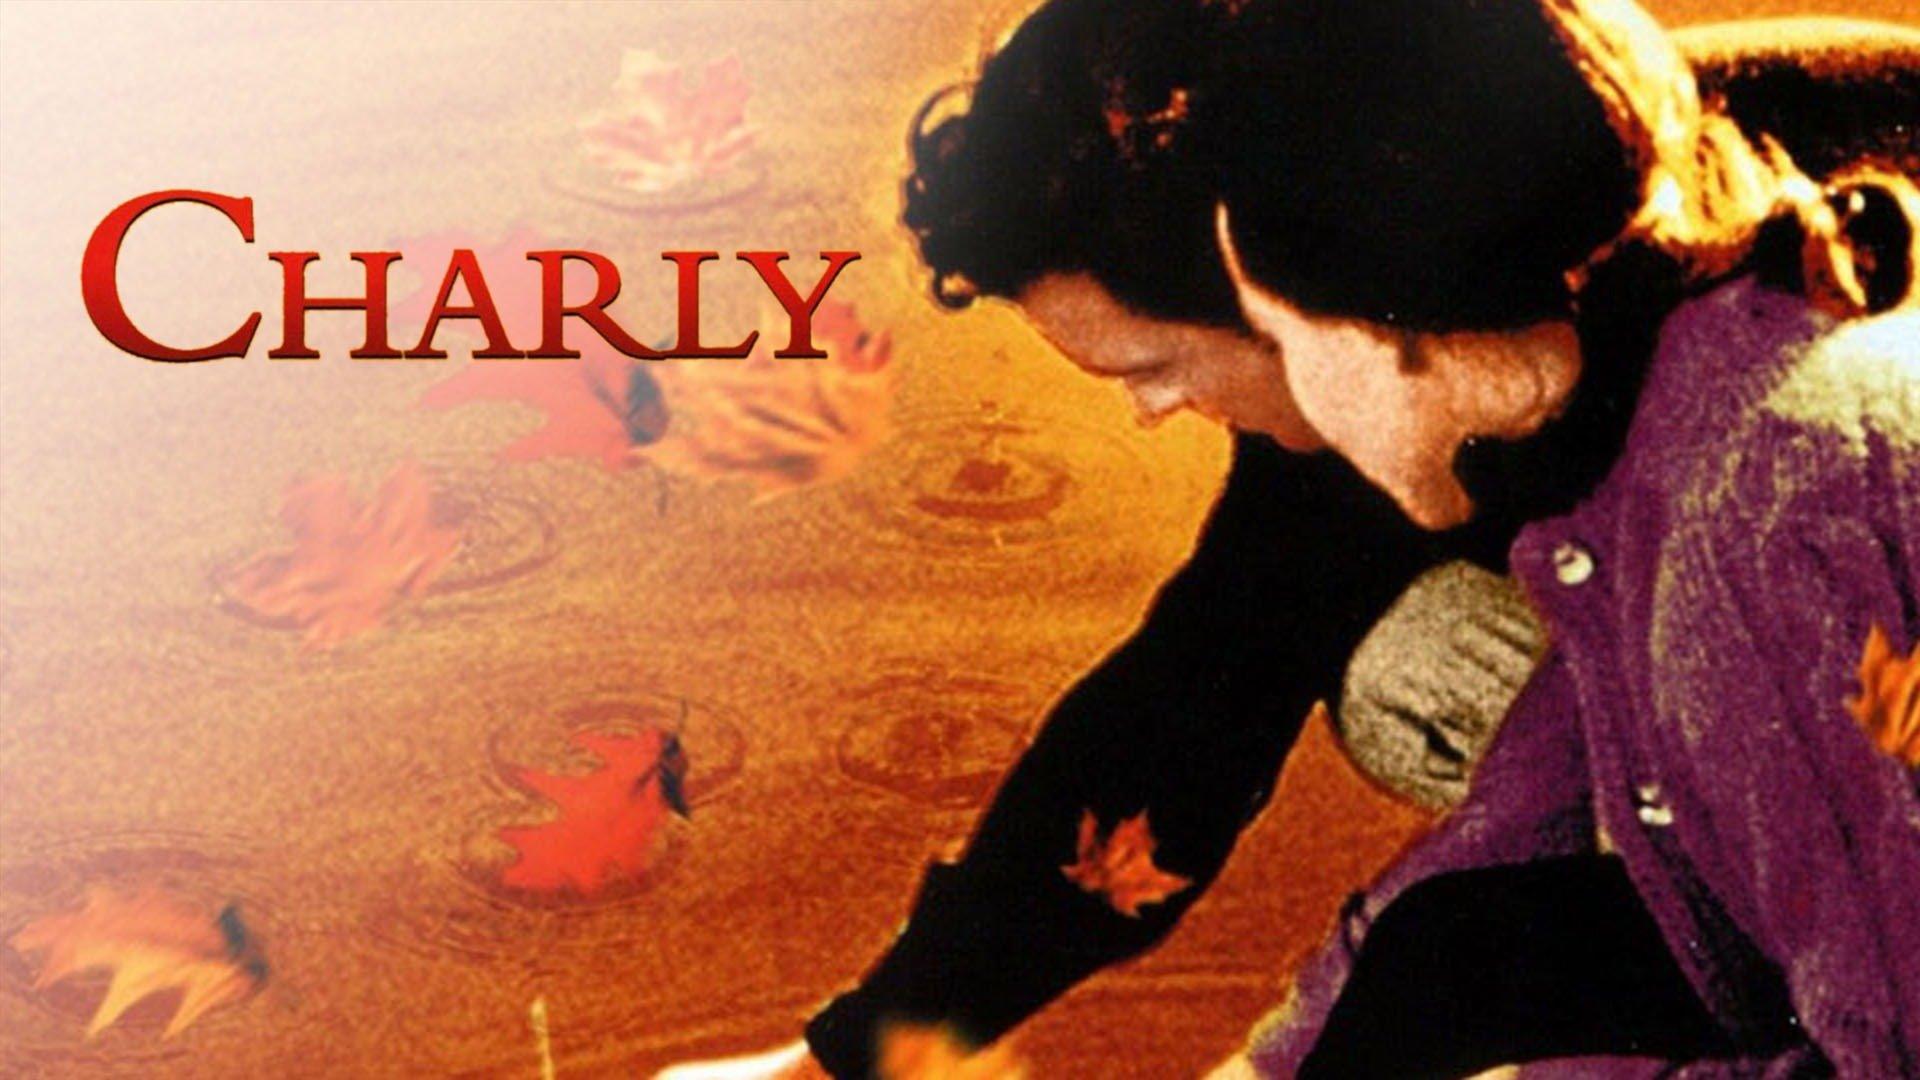 Charly (1968) –  Drama, Romance, Sci-Fi